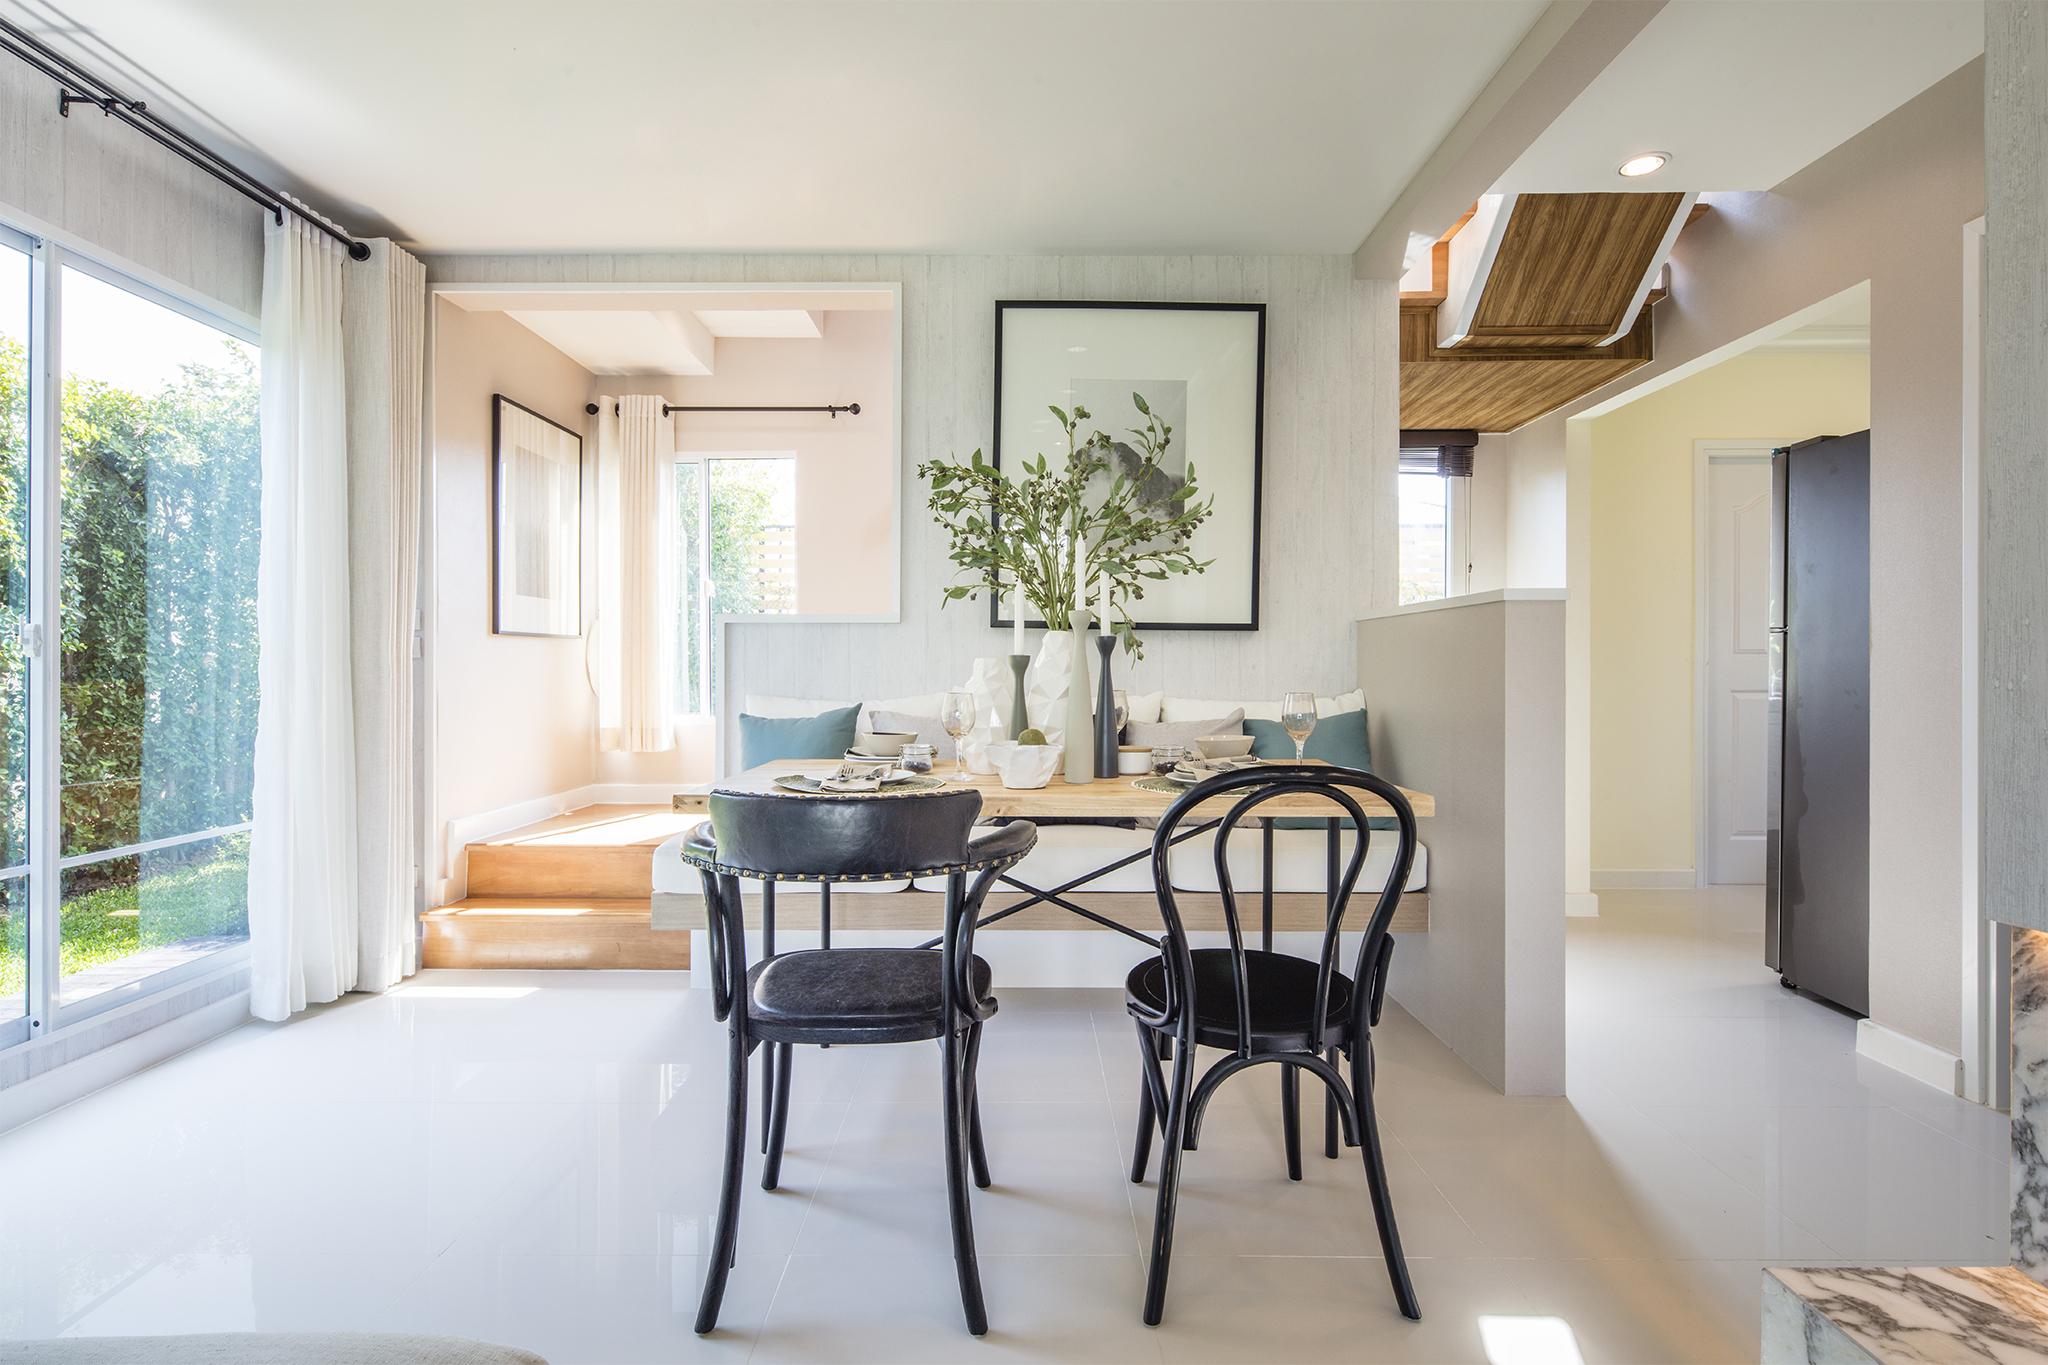 รีวิวบ้าน Passorn Prestige จตุโชติ-วัชรพล บ้านเดี่ยวดีไซน์ Art Nouveau ผสมความ Modern Classic เริ่ม 4.49 ล้าน 19 - house